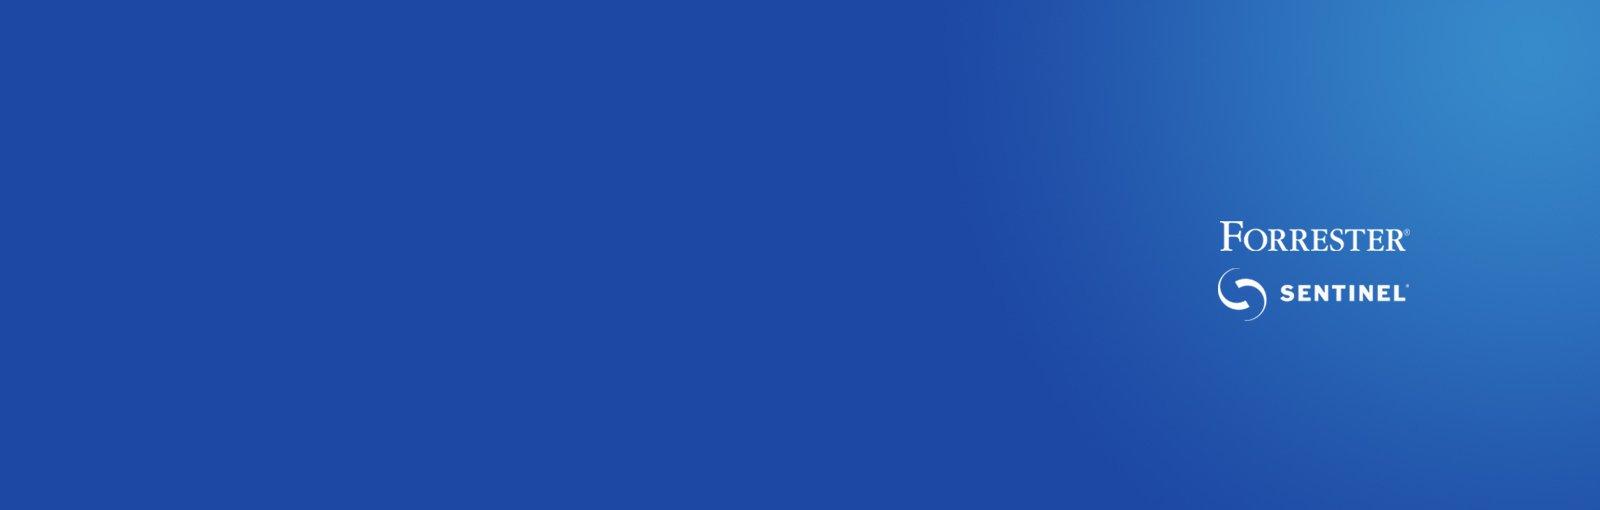 Tei Banner 1600X510 Logos